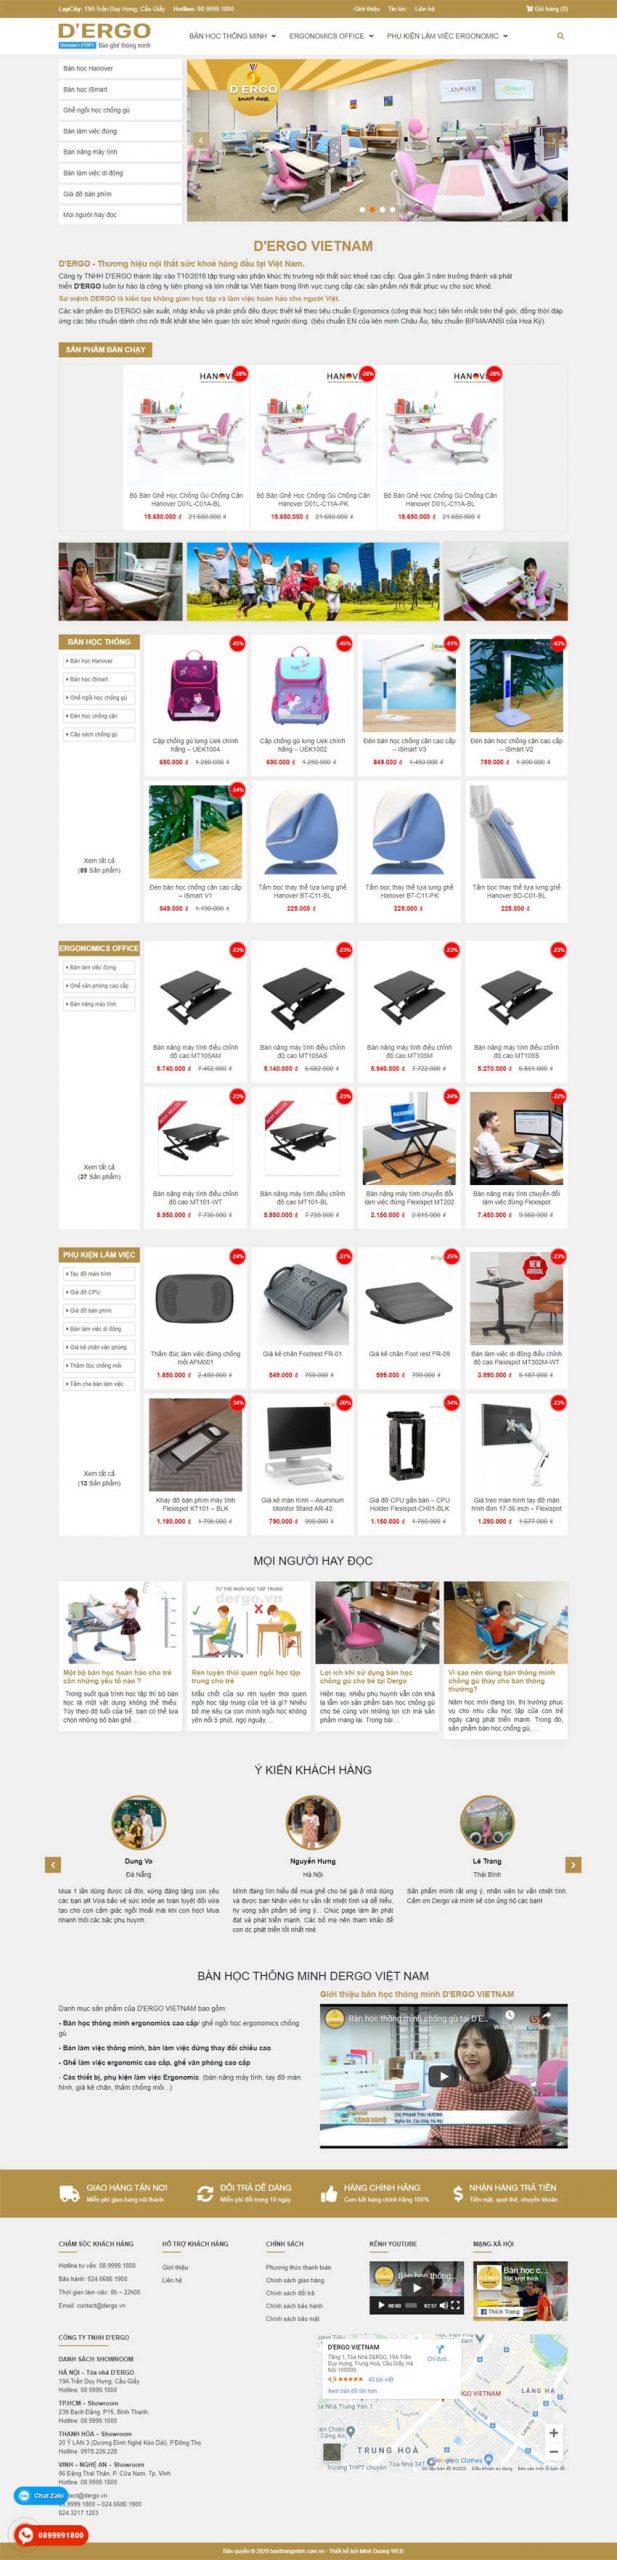 Web bàn học Dergo